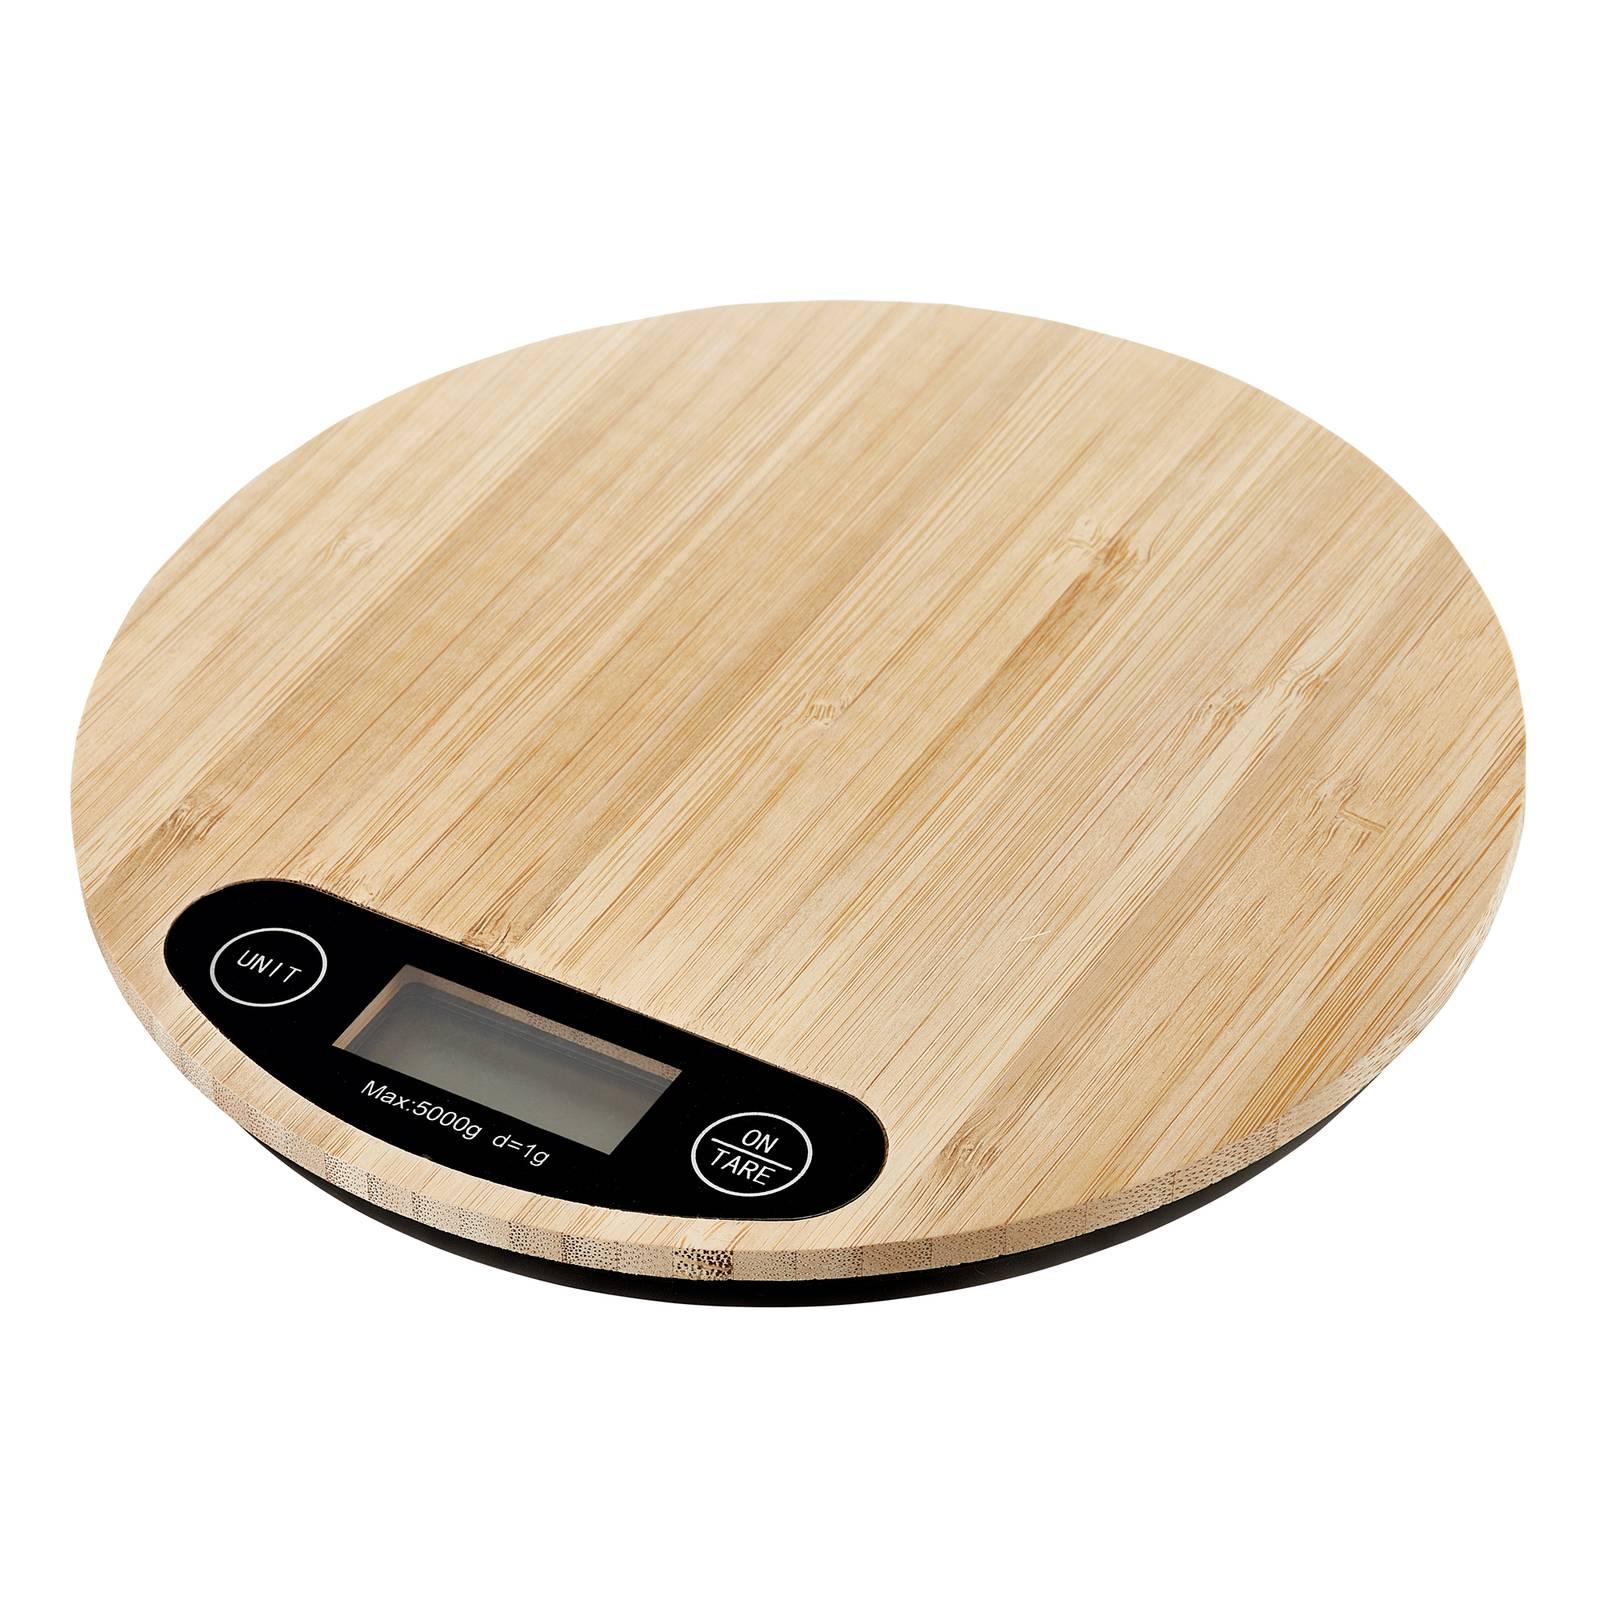 Bambusová kuchynská váha Natural 20 cm AMBITION